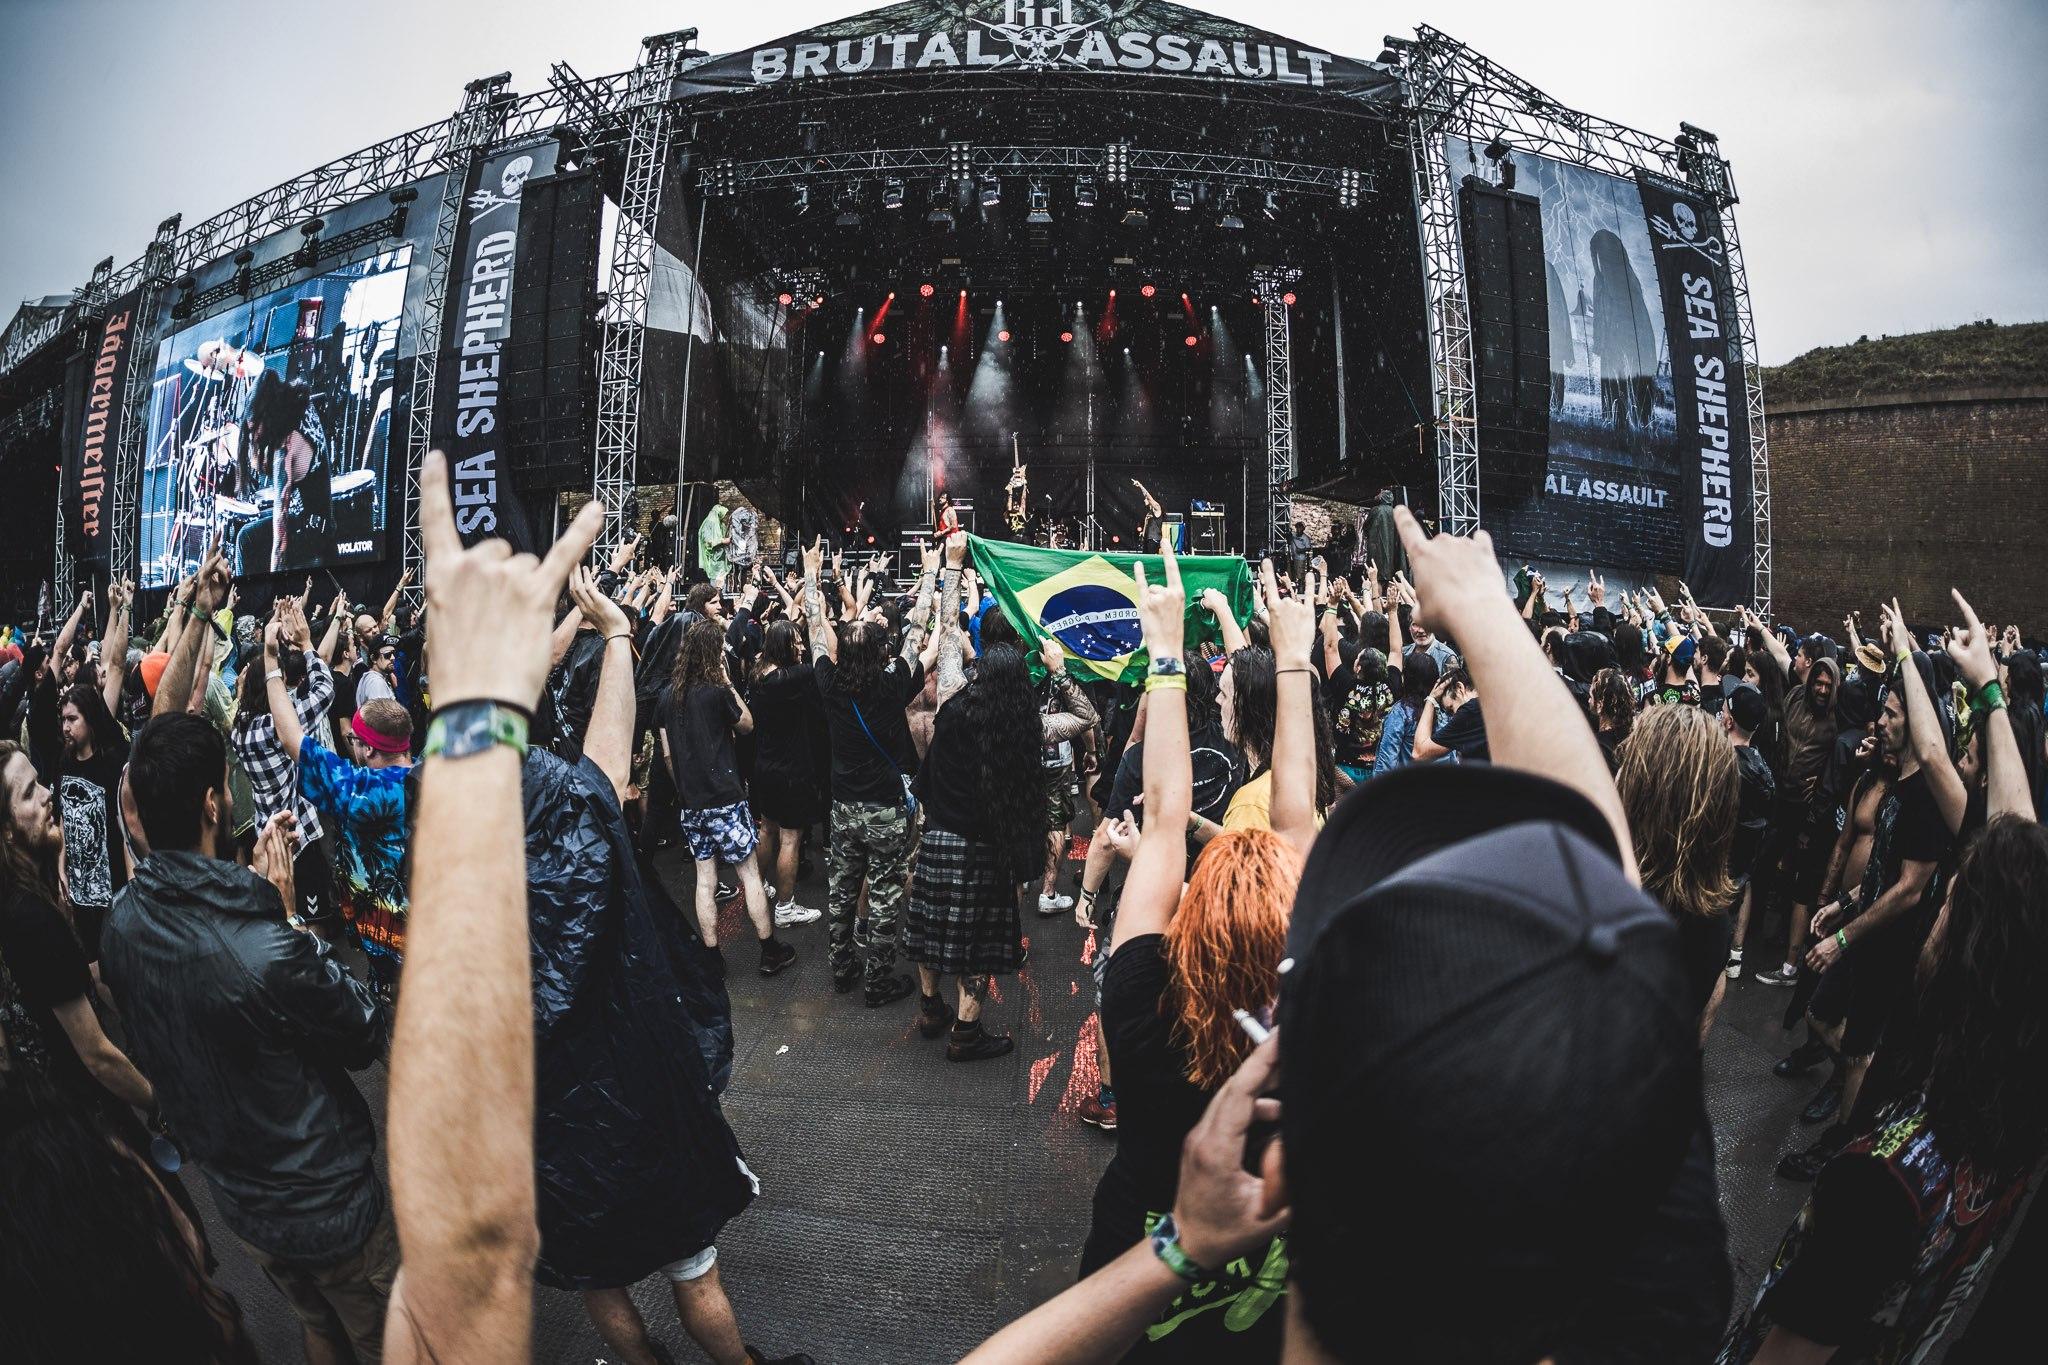 brutal assault2019 festival picture1